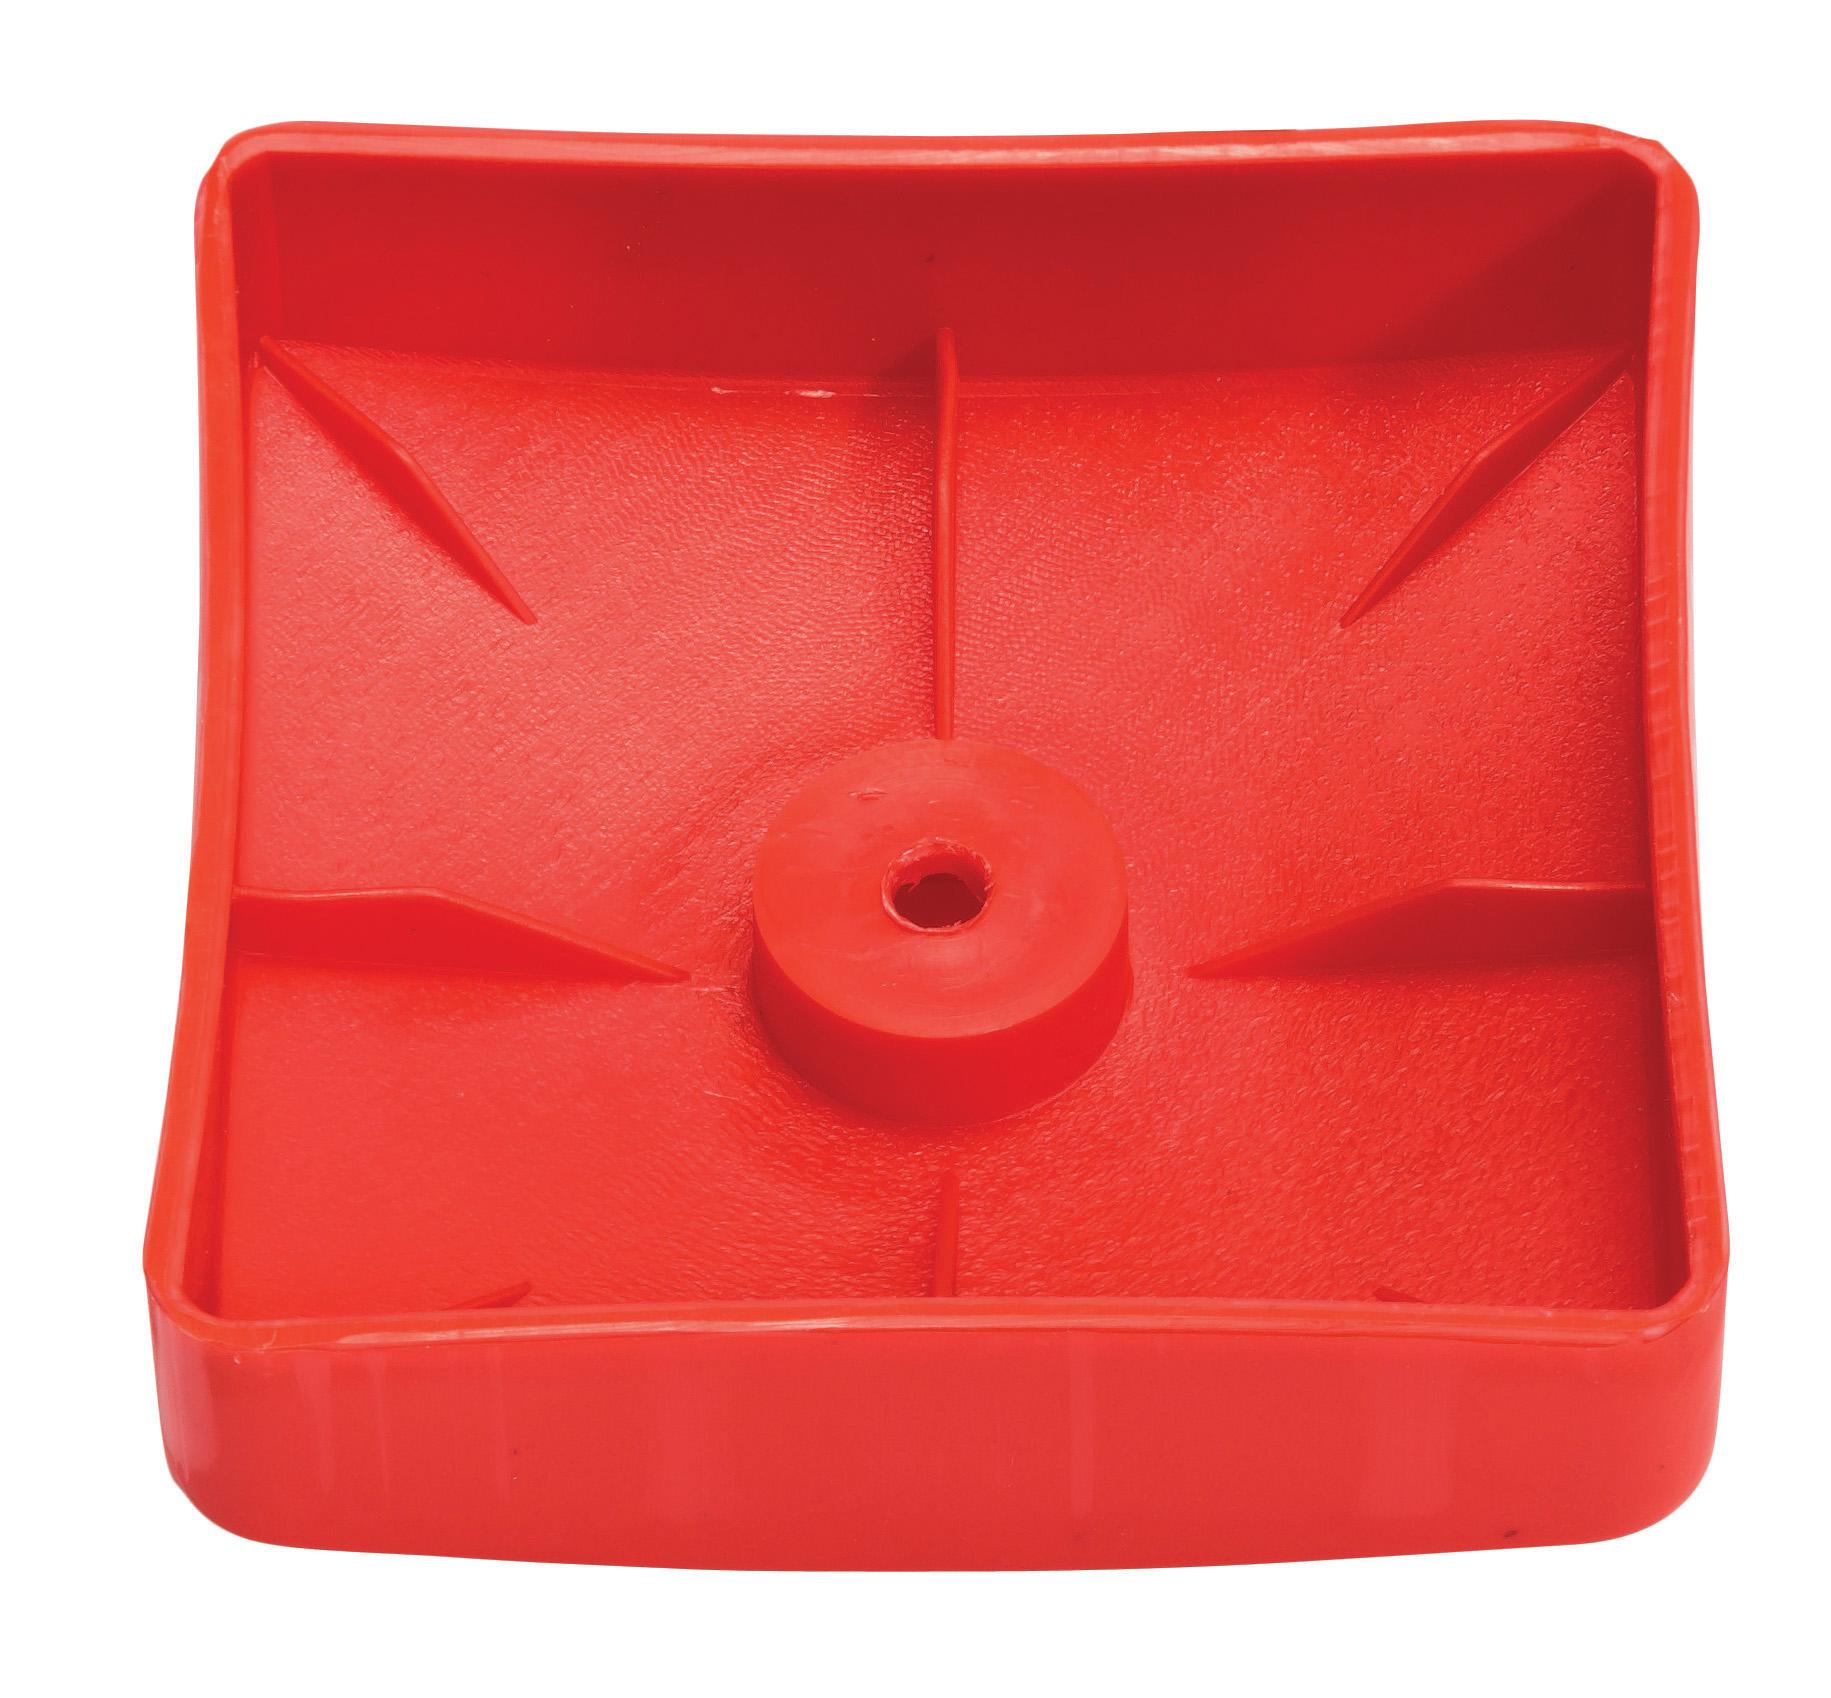 KBT | Afdekdop voor palen | vierkant | Rood | 90 mm